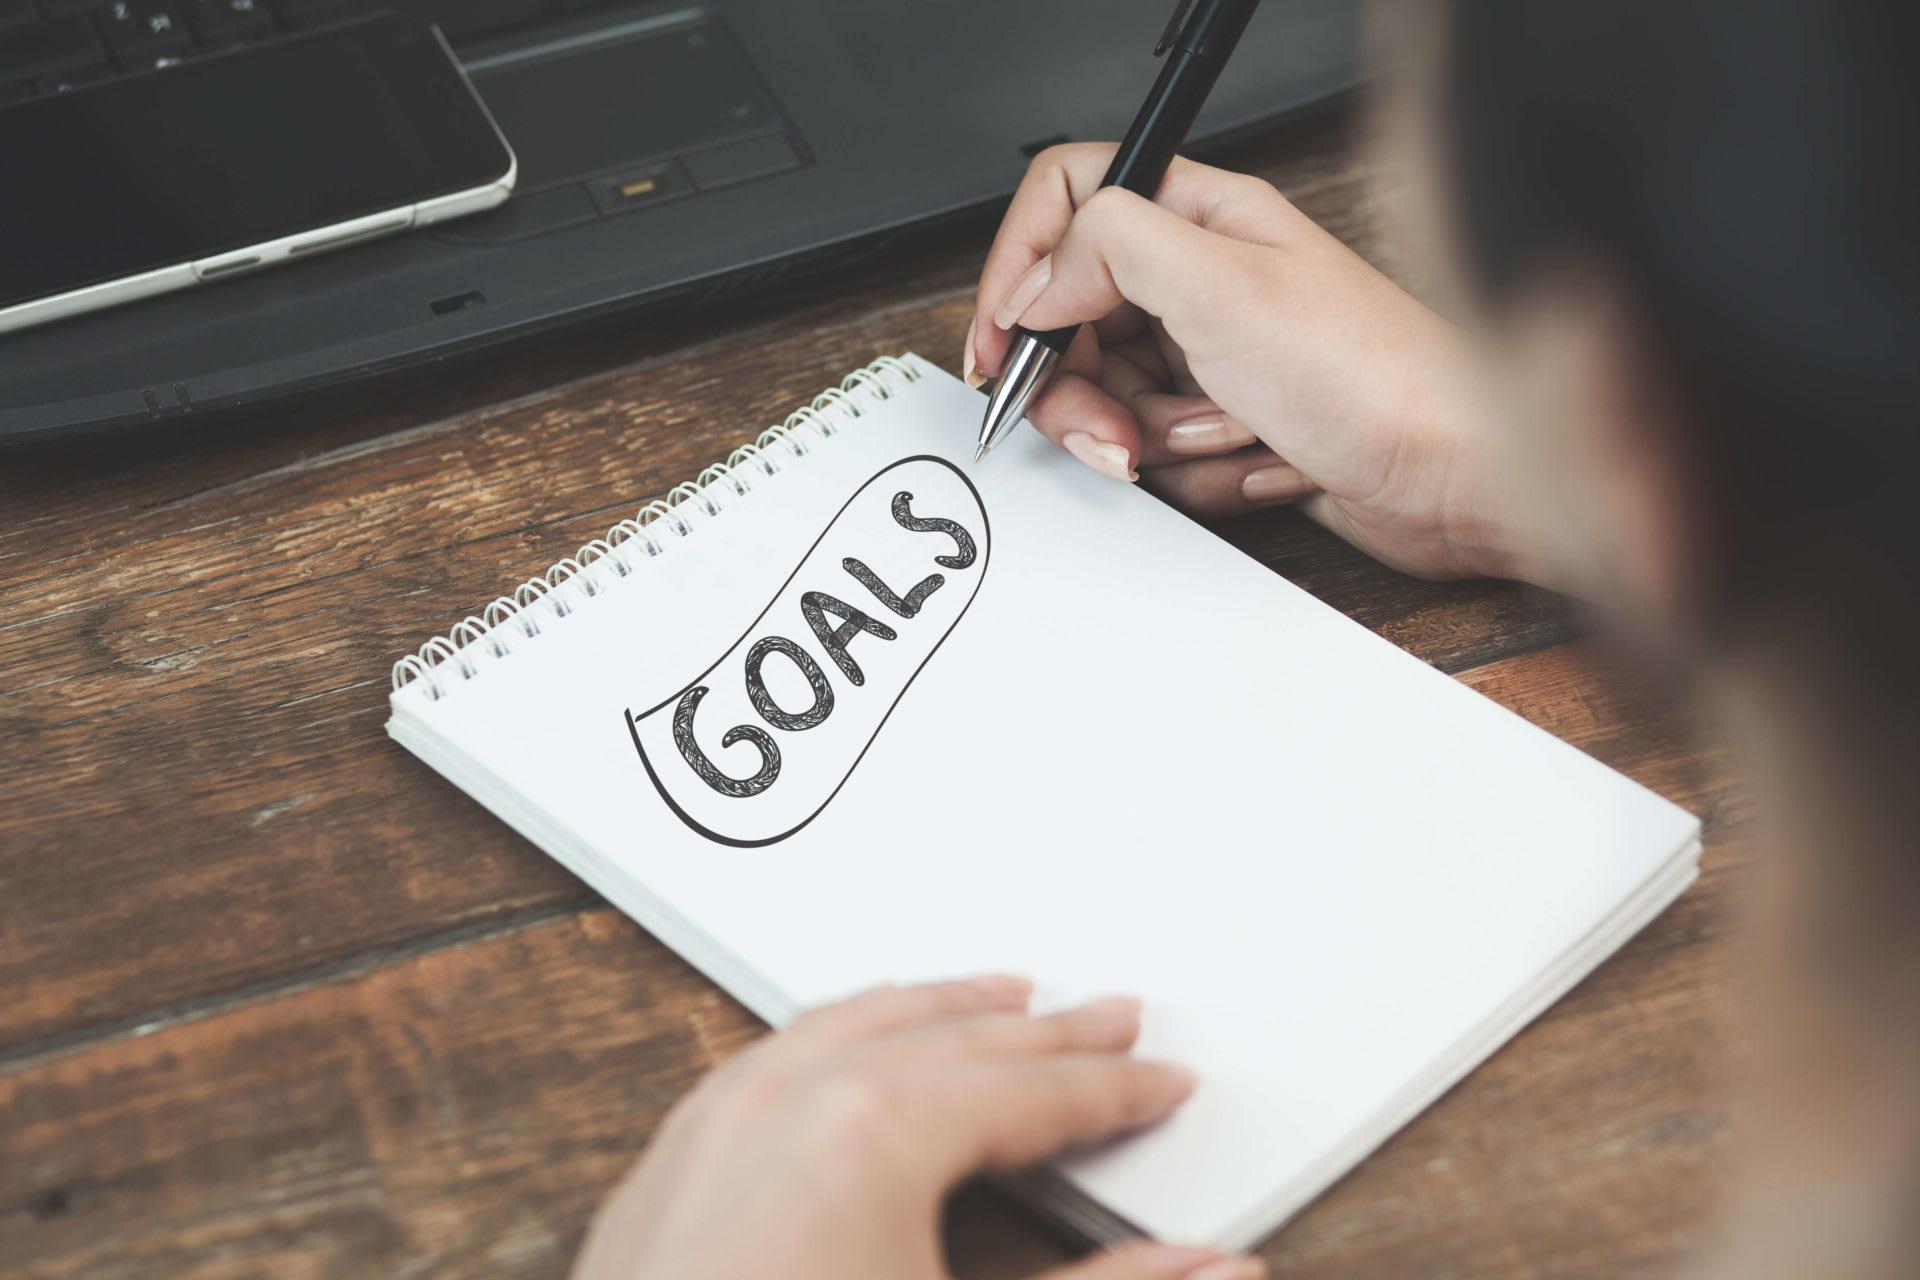 Classroom Goals - Notepad with Goals Written